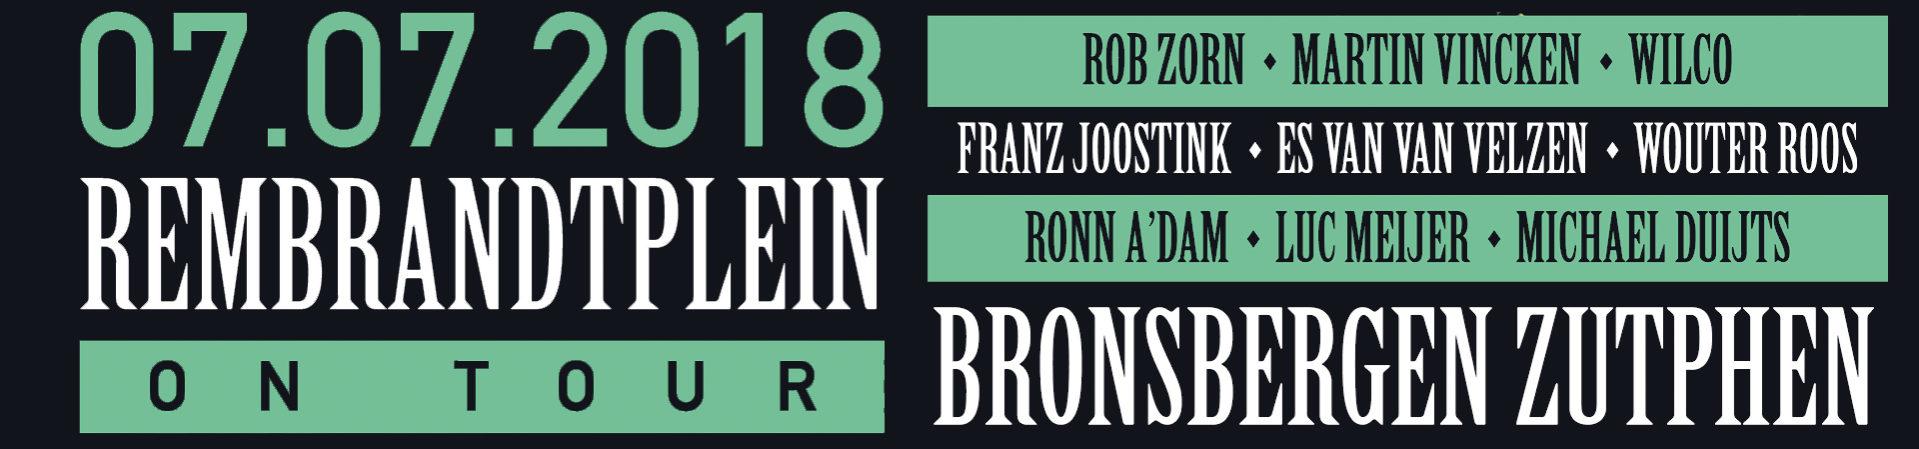 Rembrandtplein On Tour 1920x450